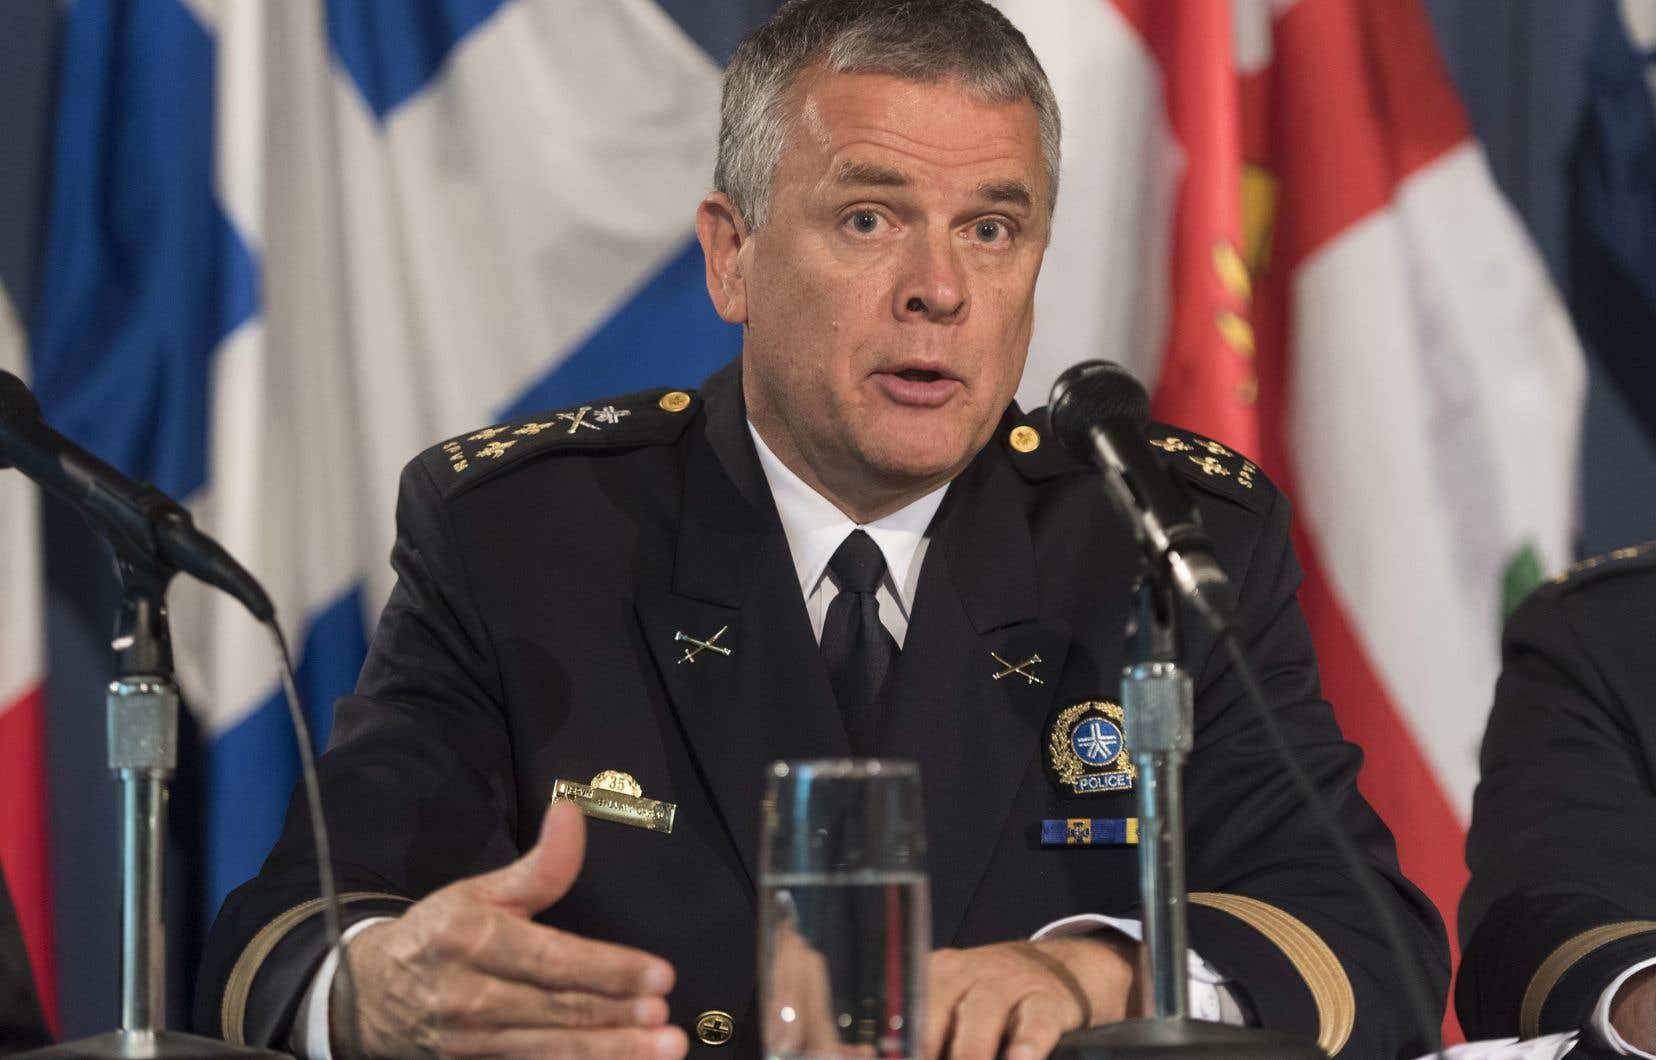 «Les 124 armes que nous avons actuellement vont faire l'objet d'un remplacement avant un nouveau déploiement, parce qu'on est en discussion avec la compagnie Axon [compte tenu] des problèmes avec les armes», a déclaréle chef de police, Sylvain Caron.